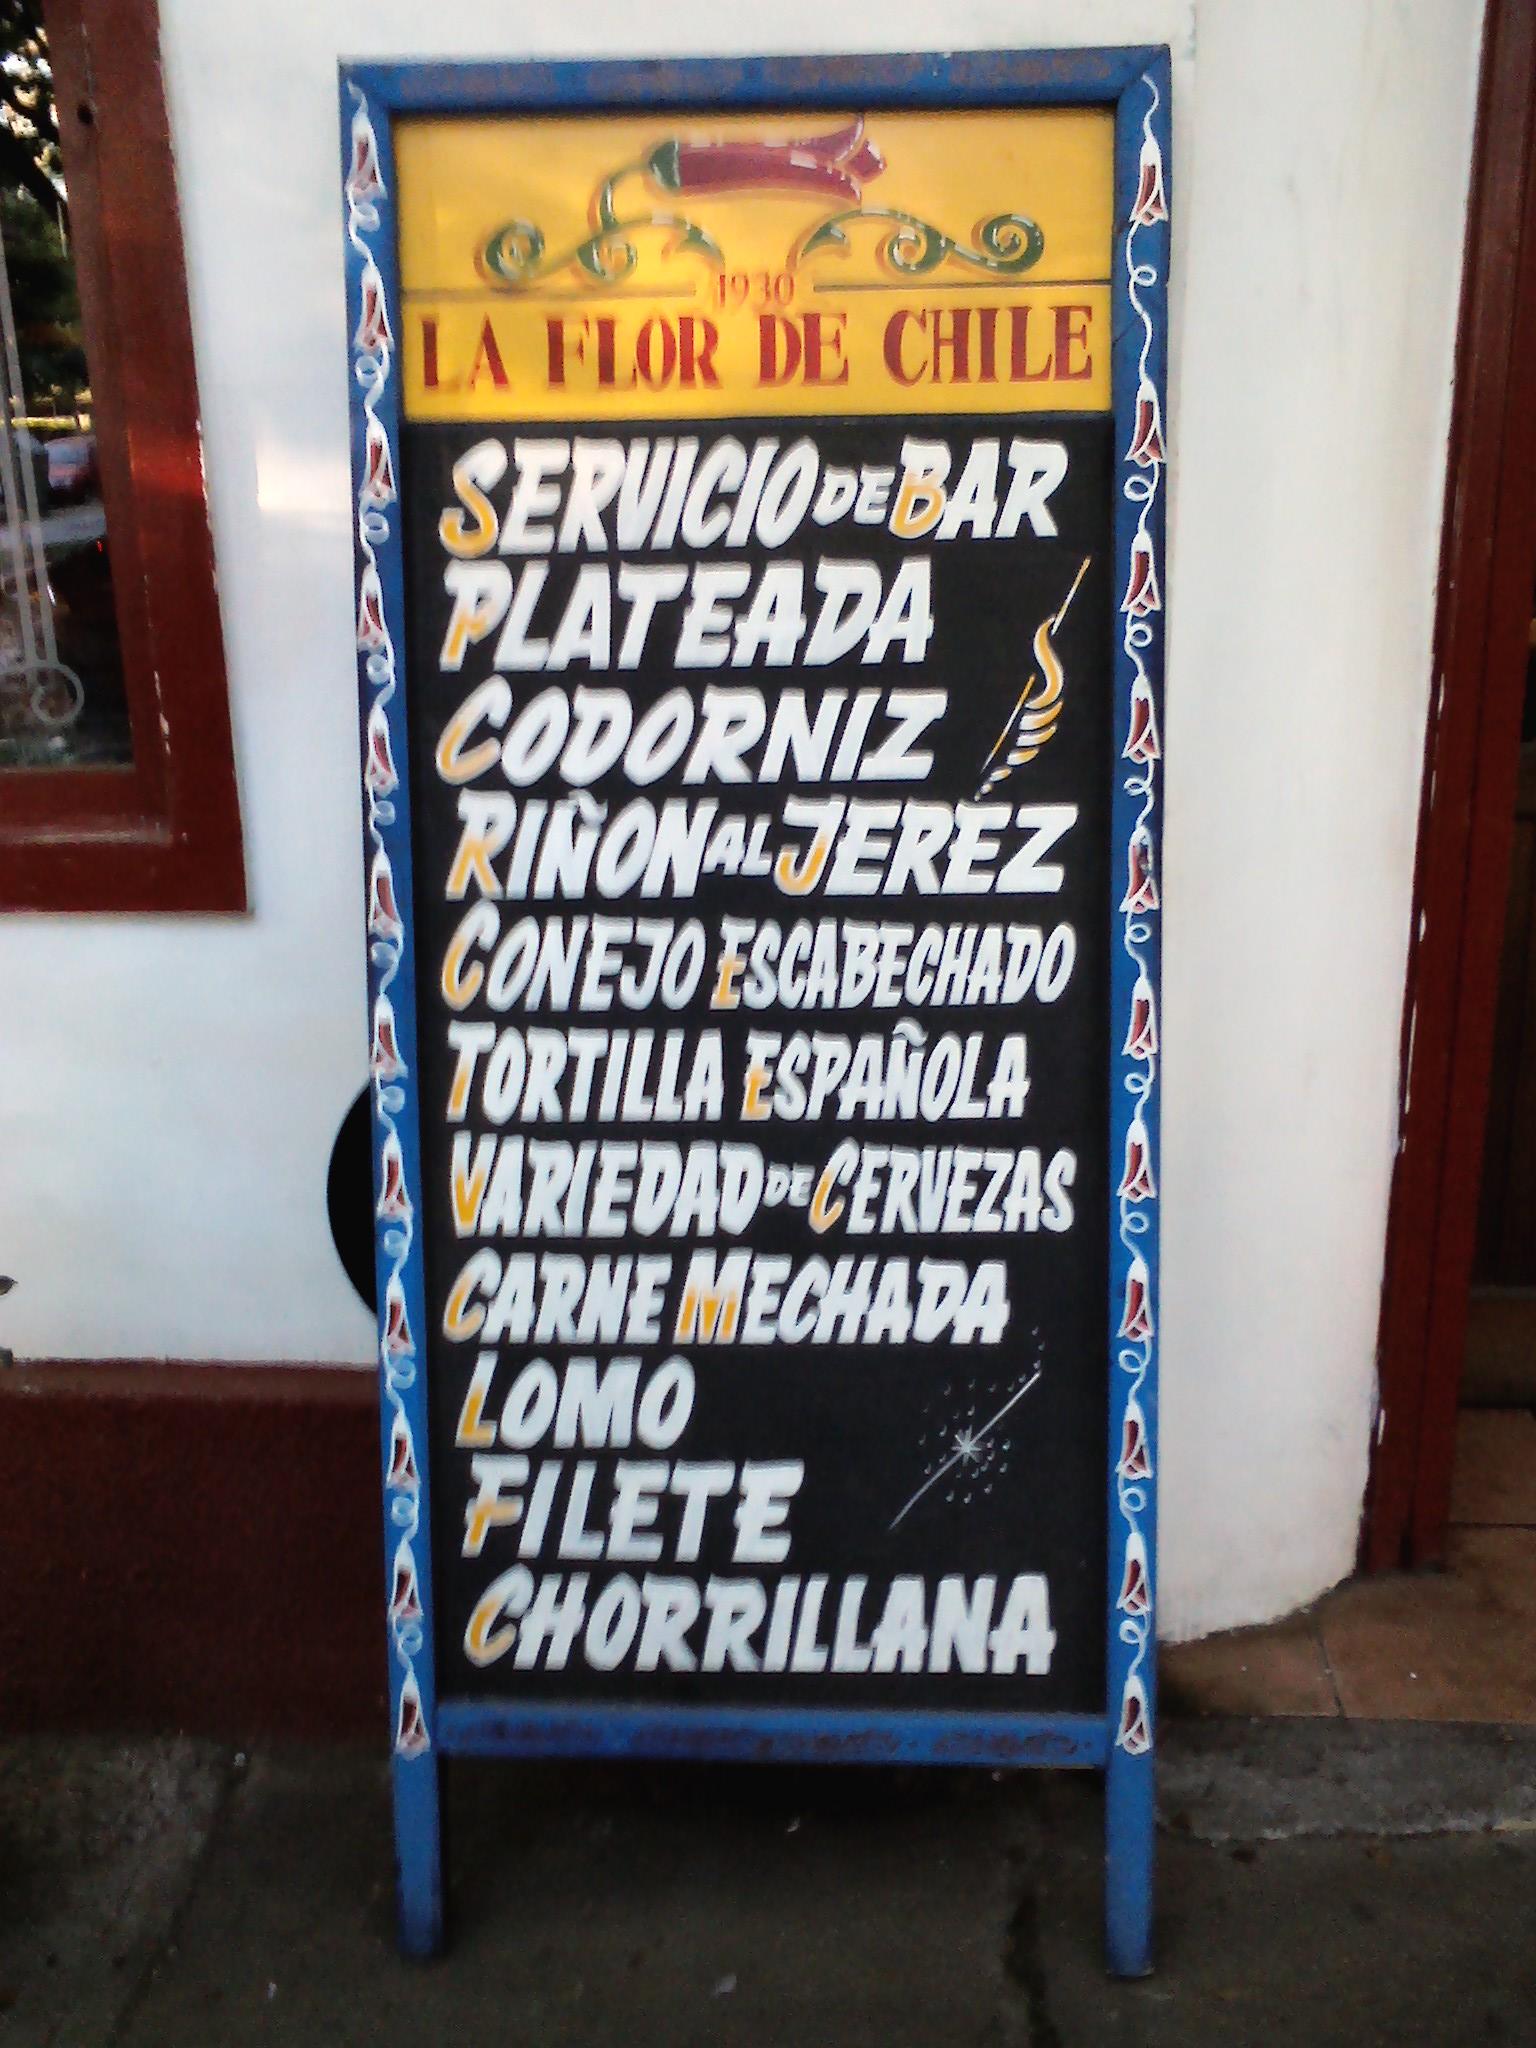 Mejor letrero de picada: La Flor de Chile